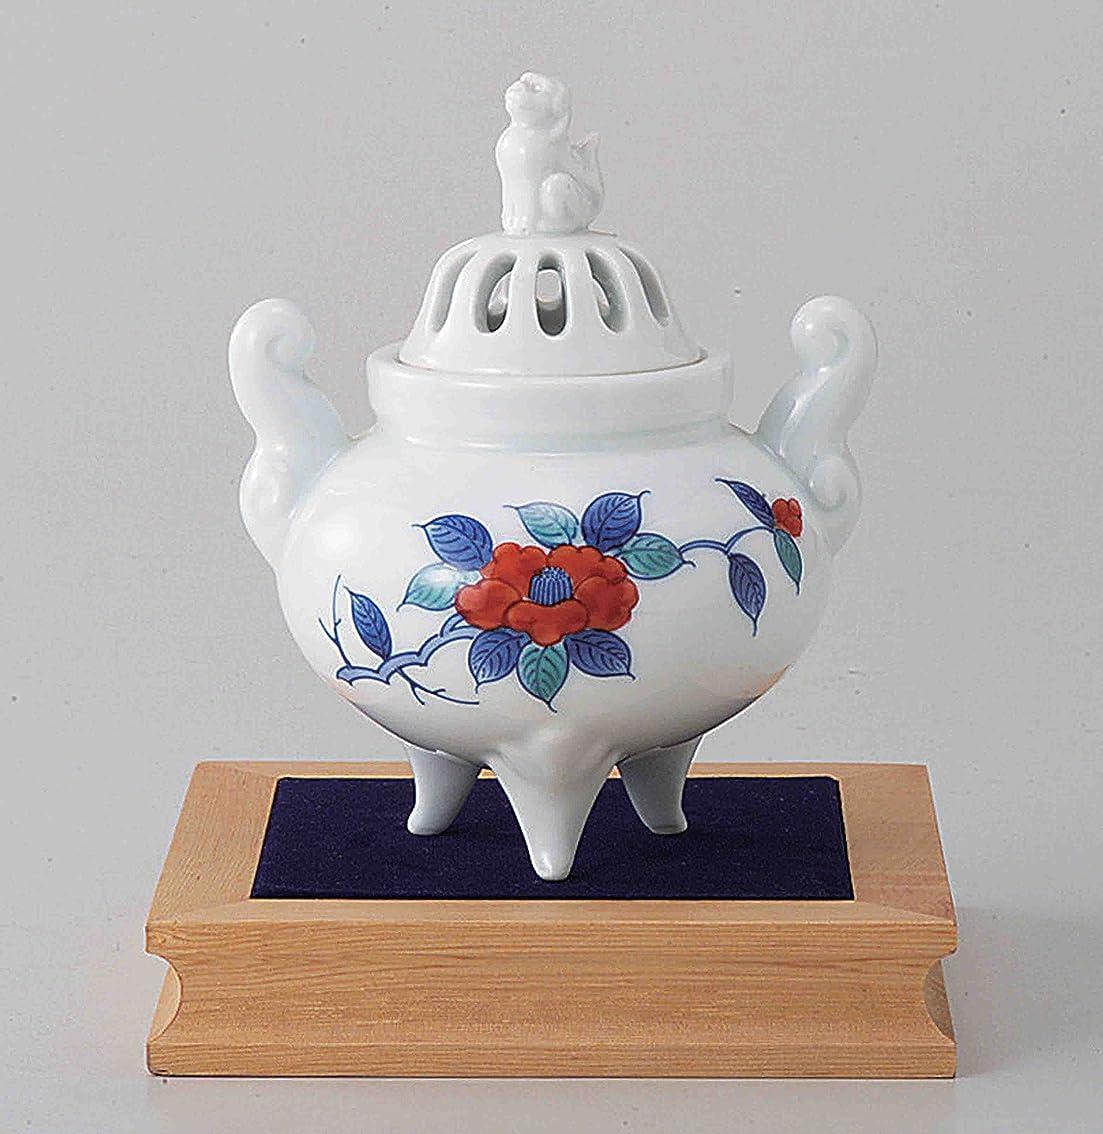 セットする摩擦鉱石東京抹茶Selection?–?Arita Porcelain Cencer : Camellia?–?Incense BurnerホルダーWベース&ボックス日本から[ EMSで発送標準: withトラッキング&保険]